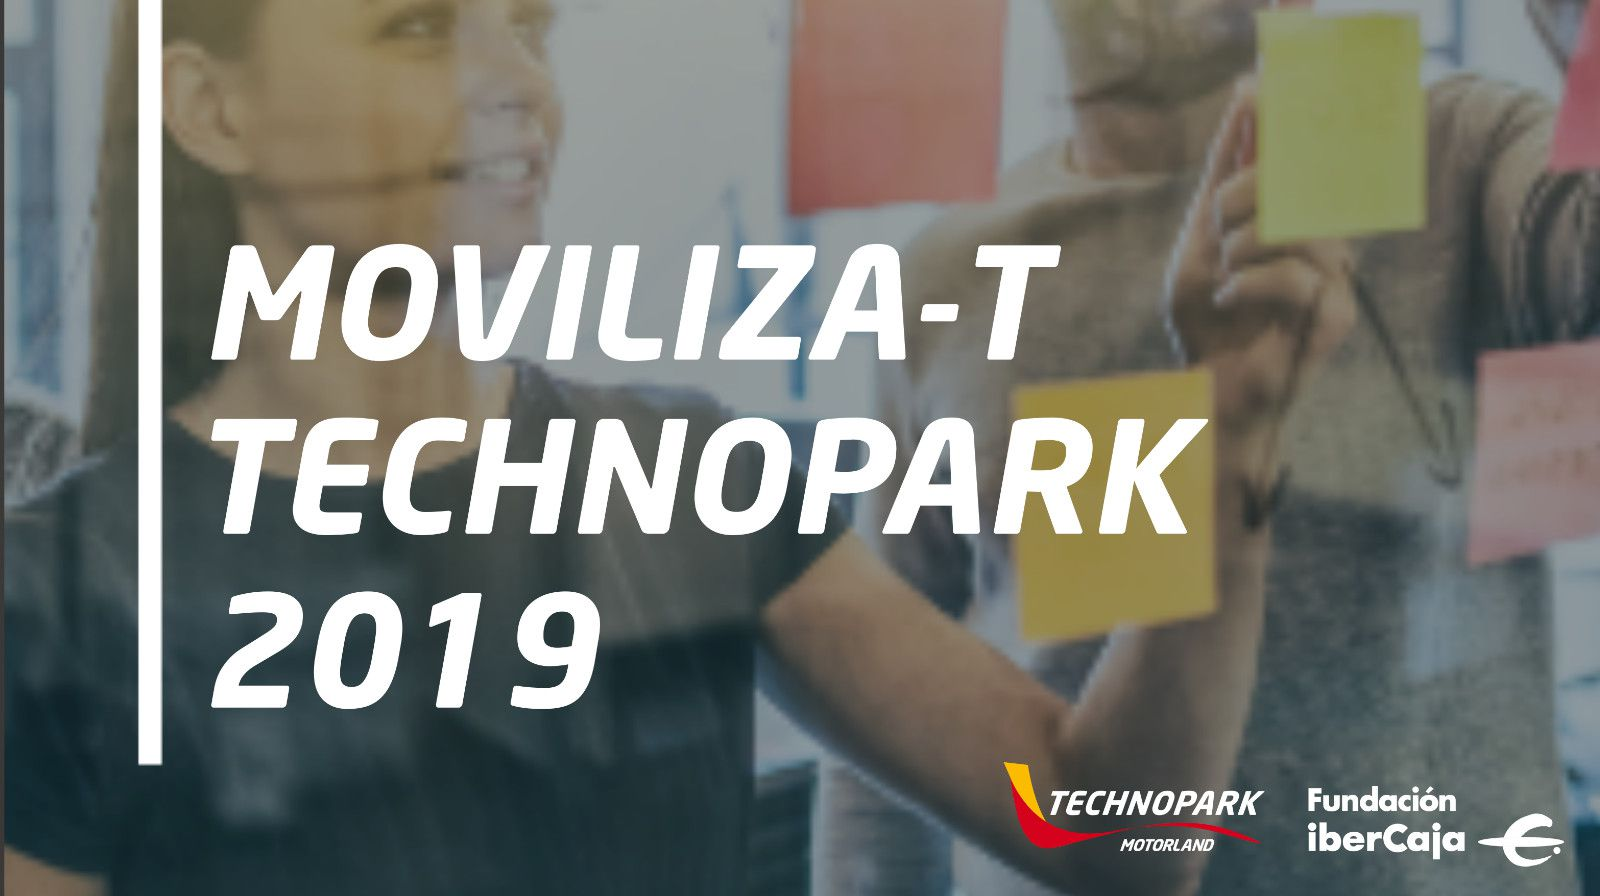 Moviliza-T TechnoPark